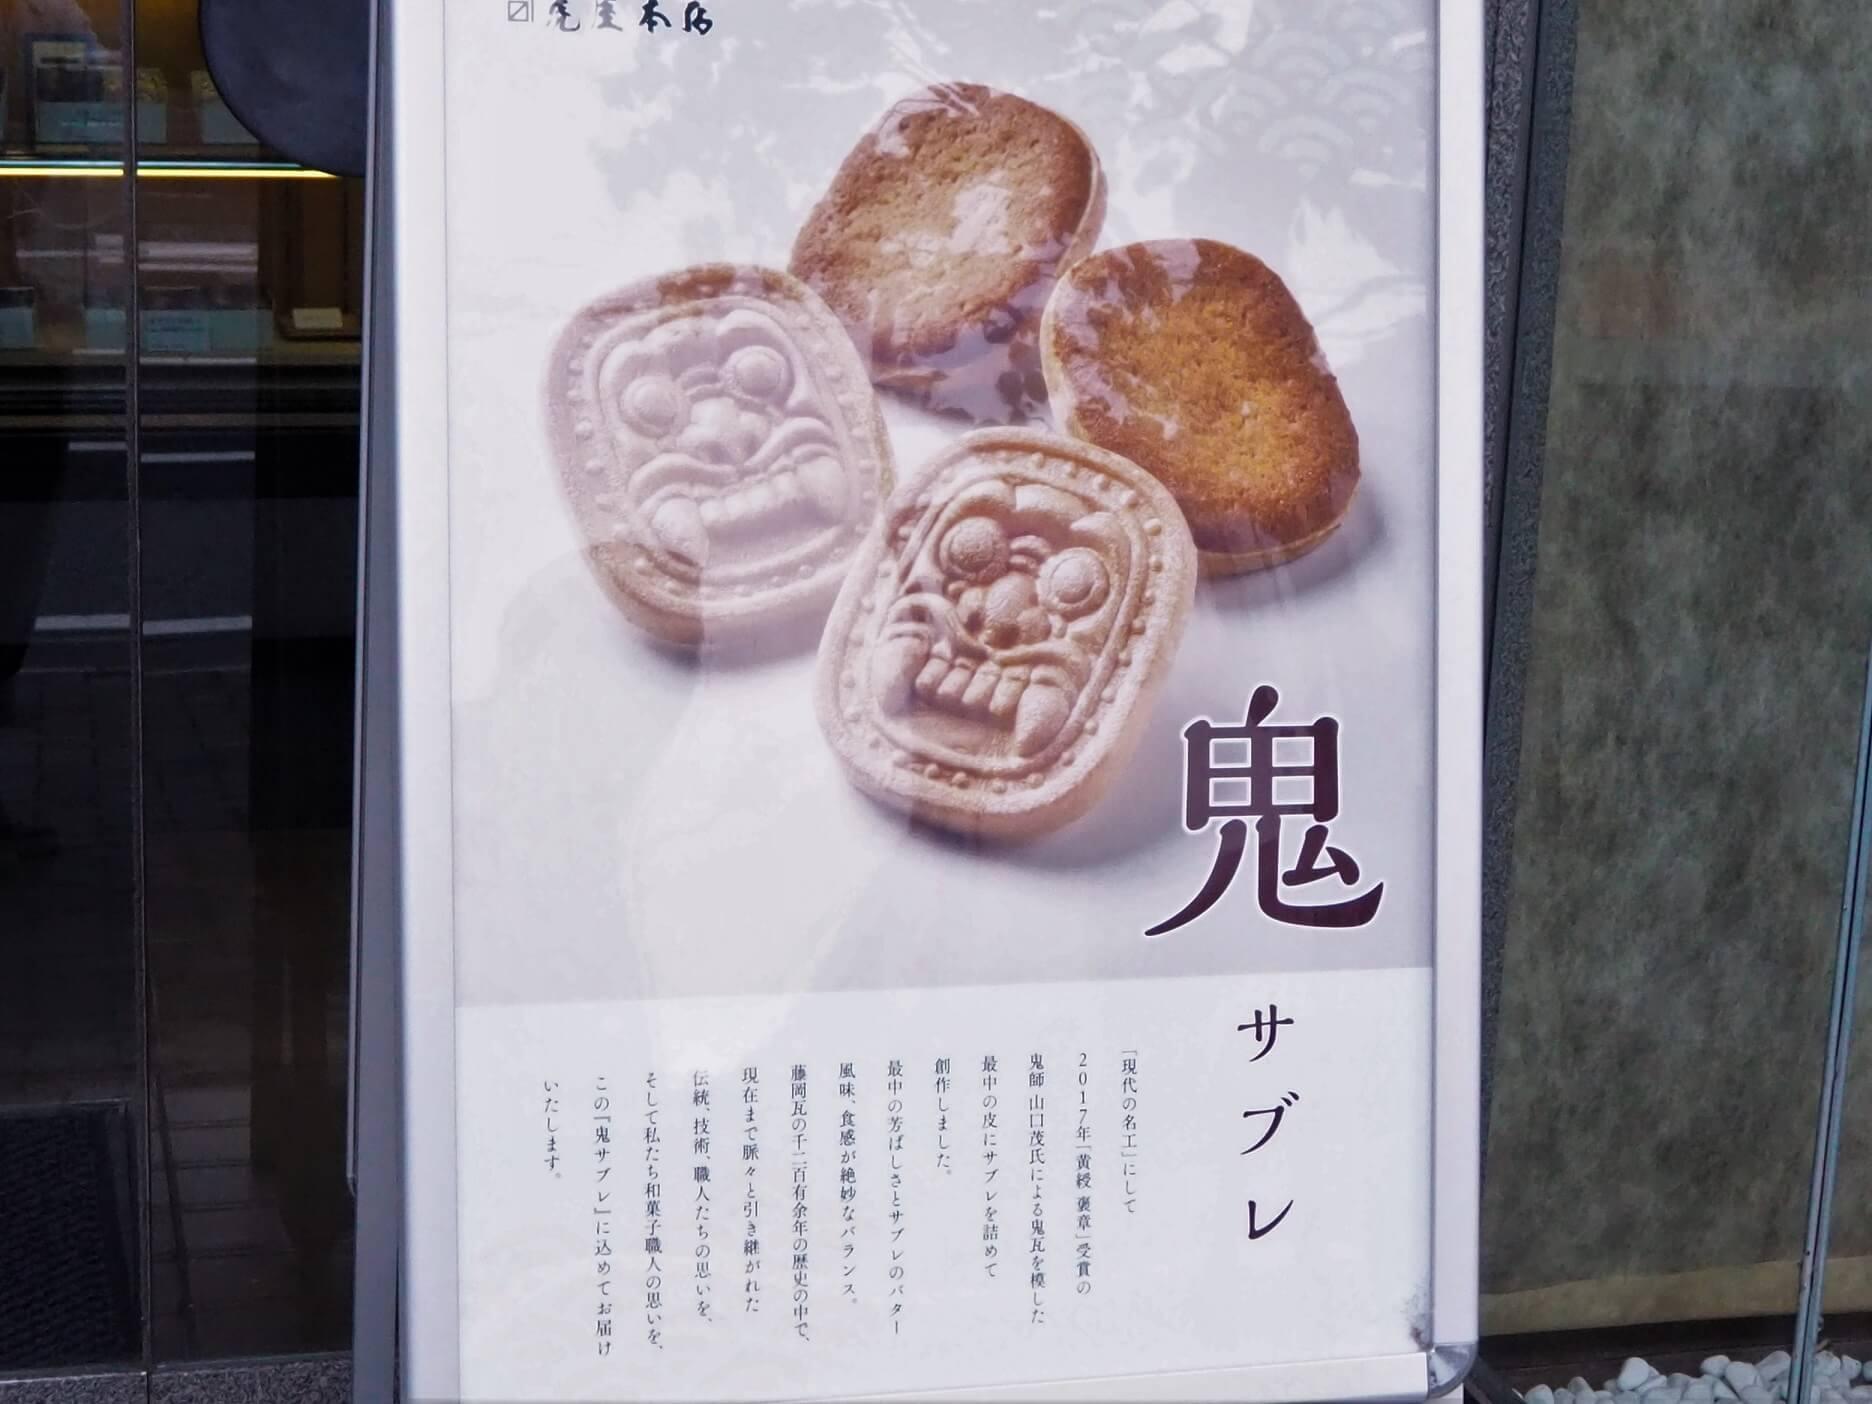 相俣ダムカレー パッケージ